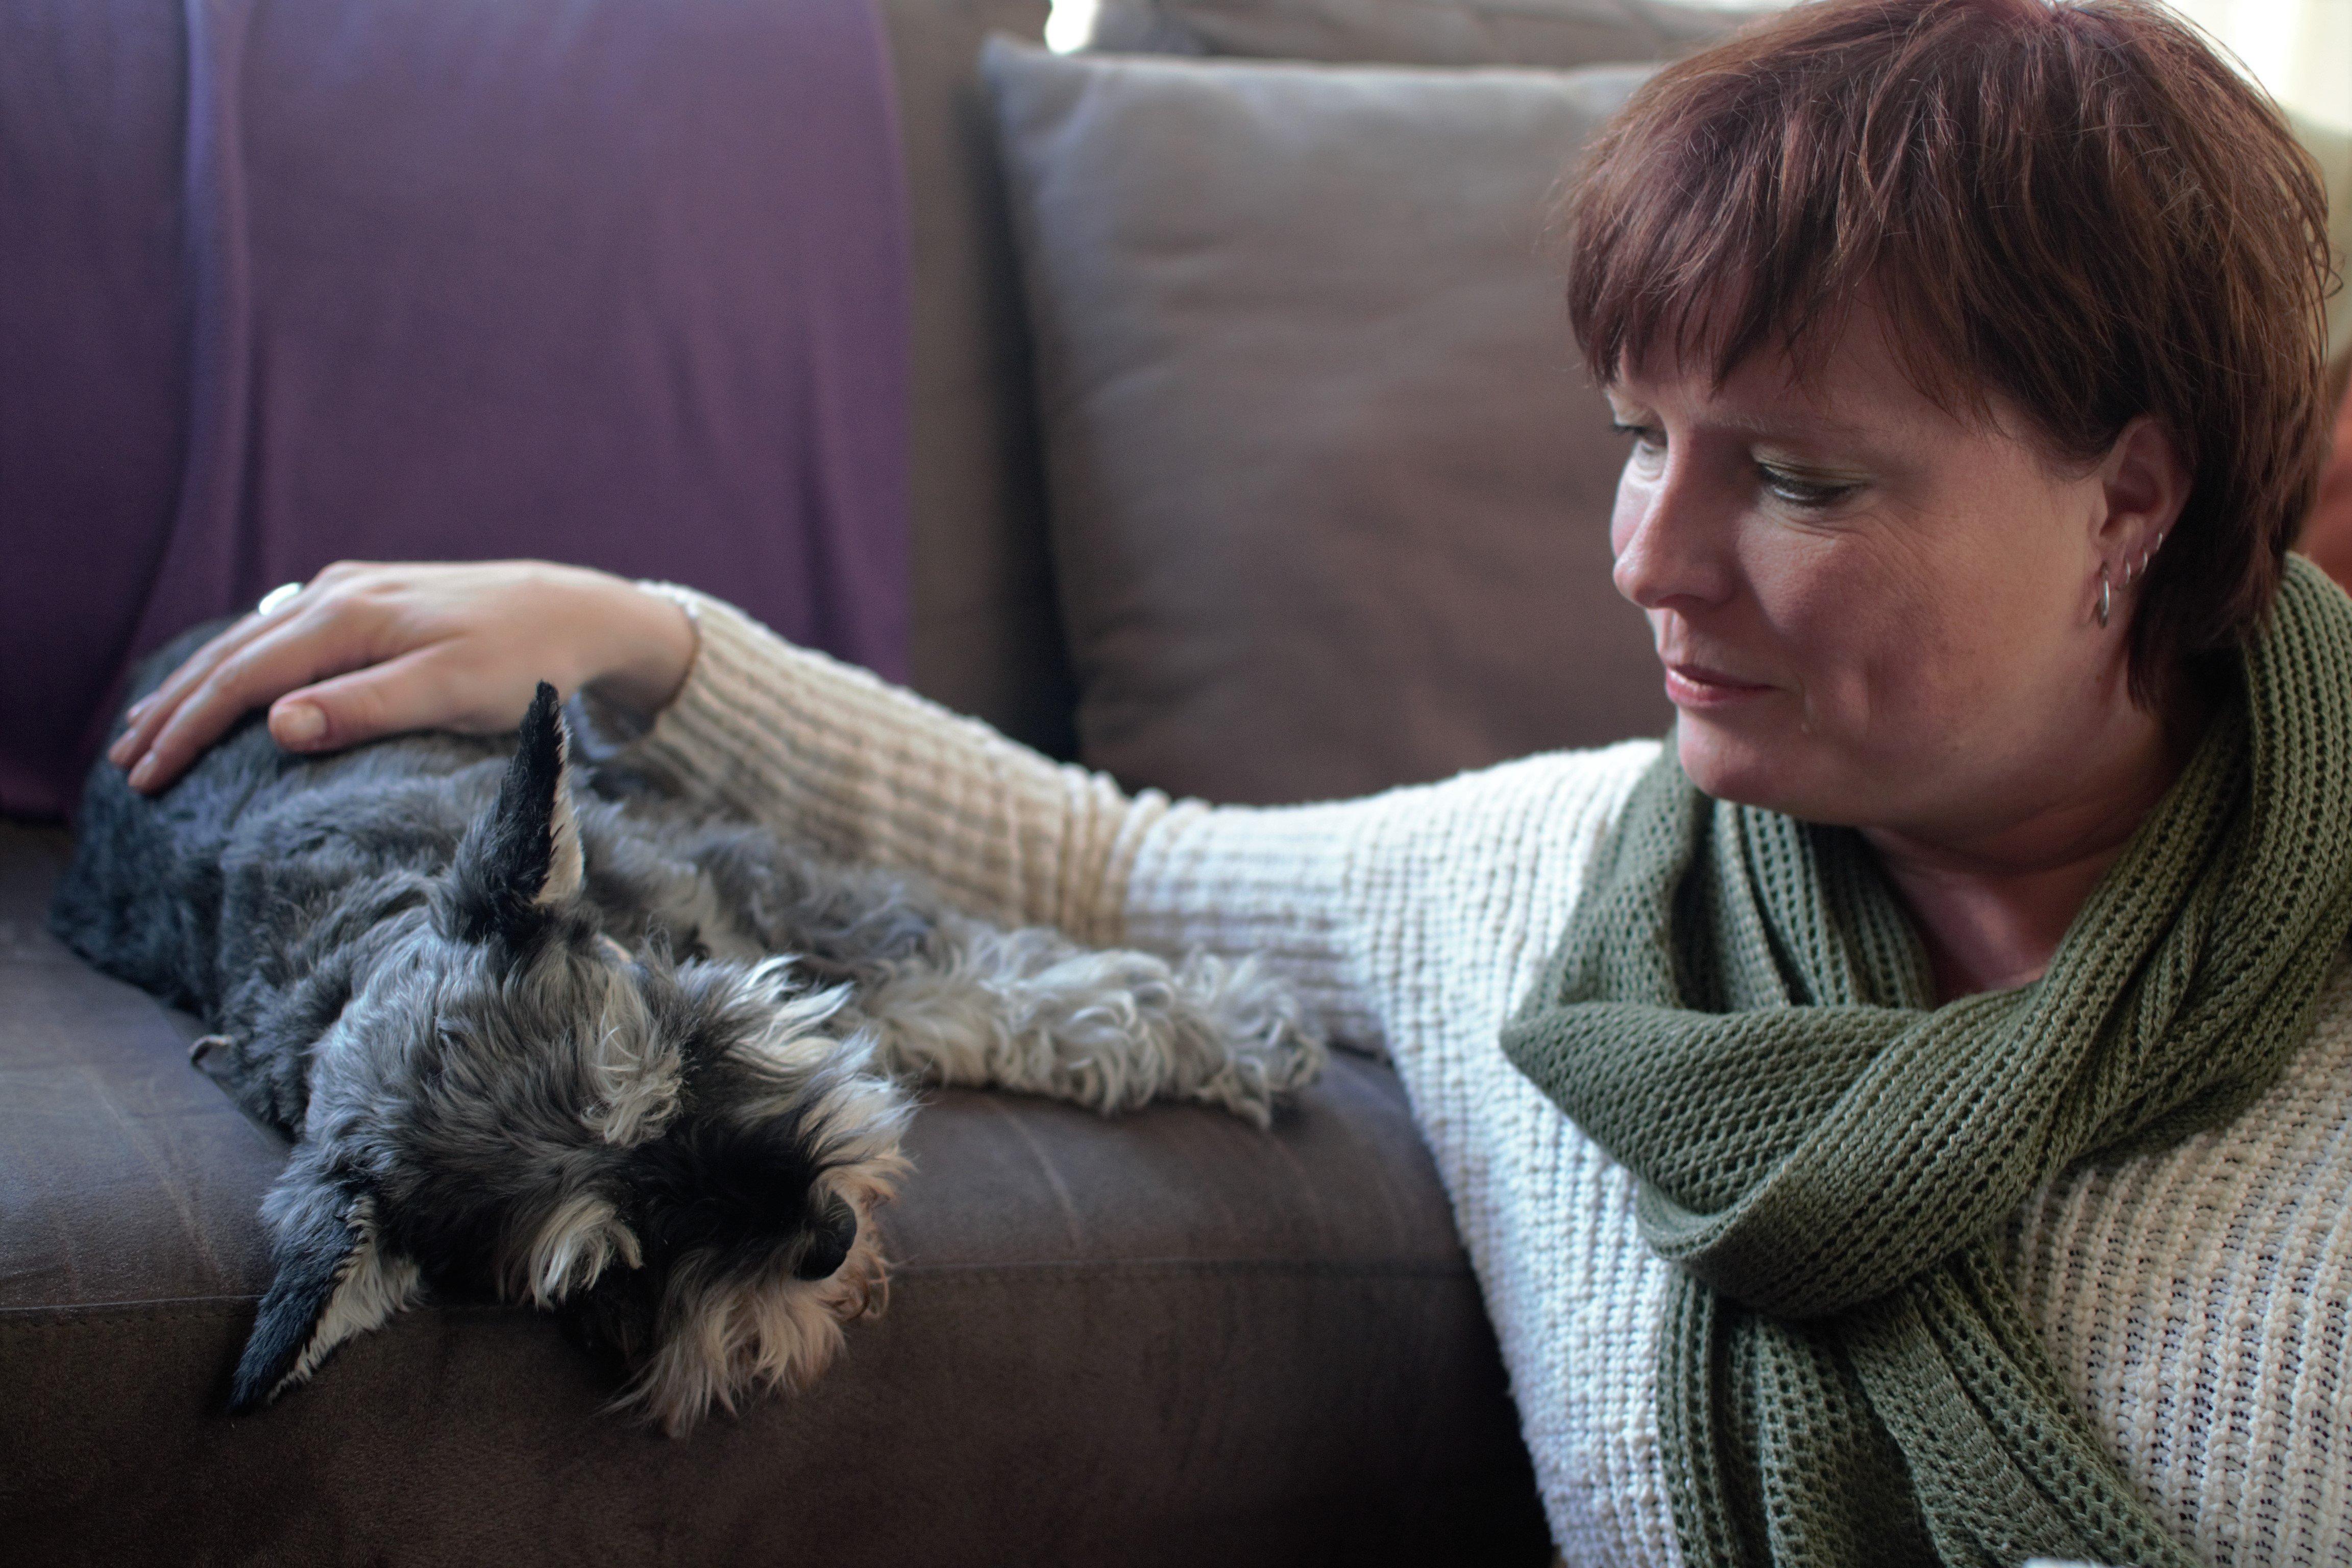 Bianca de Reus is giving Reiki Healing to Rosie